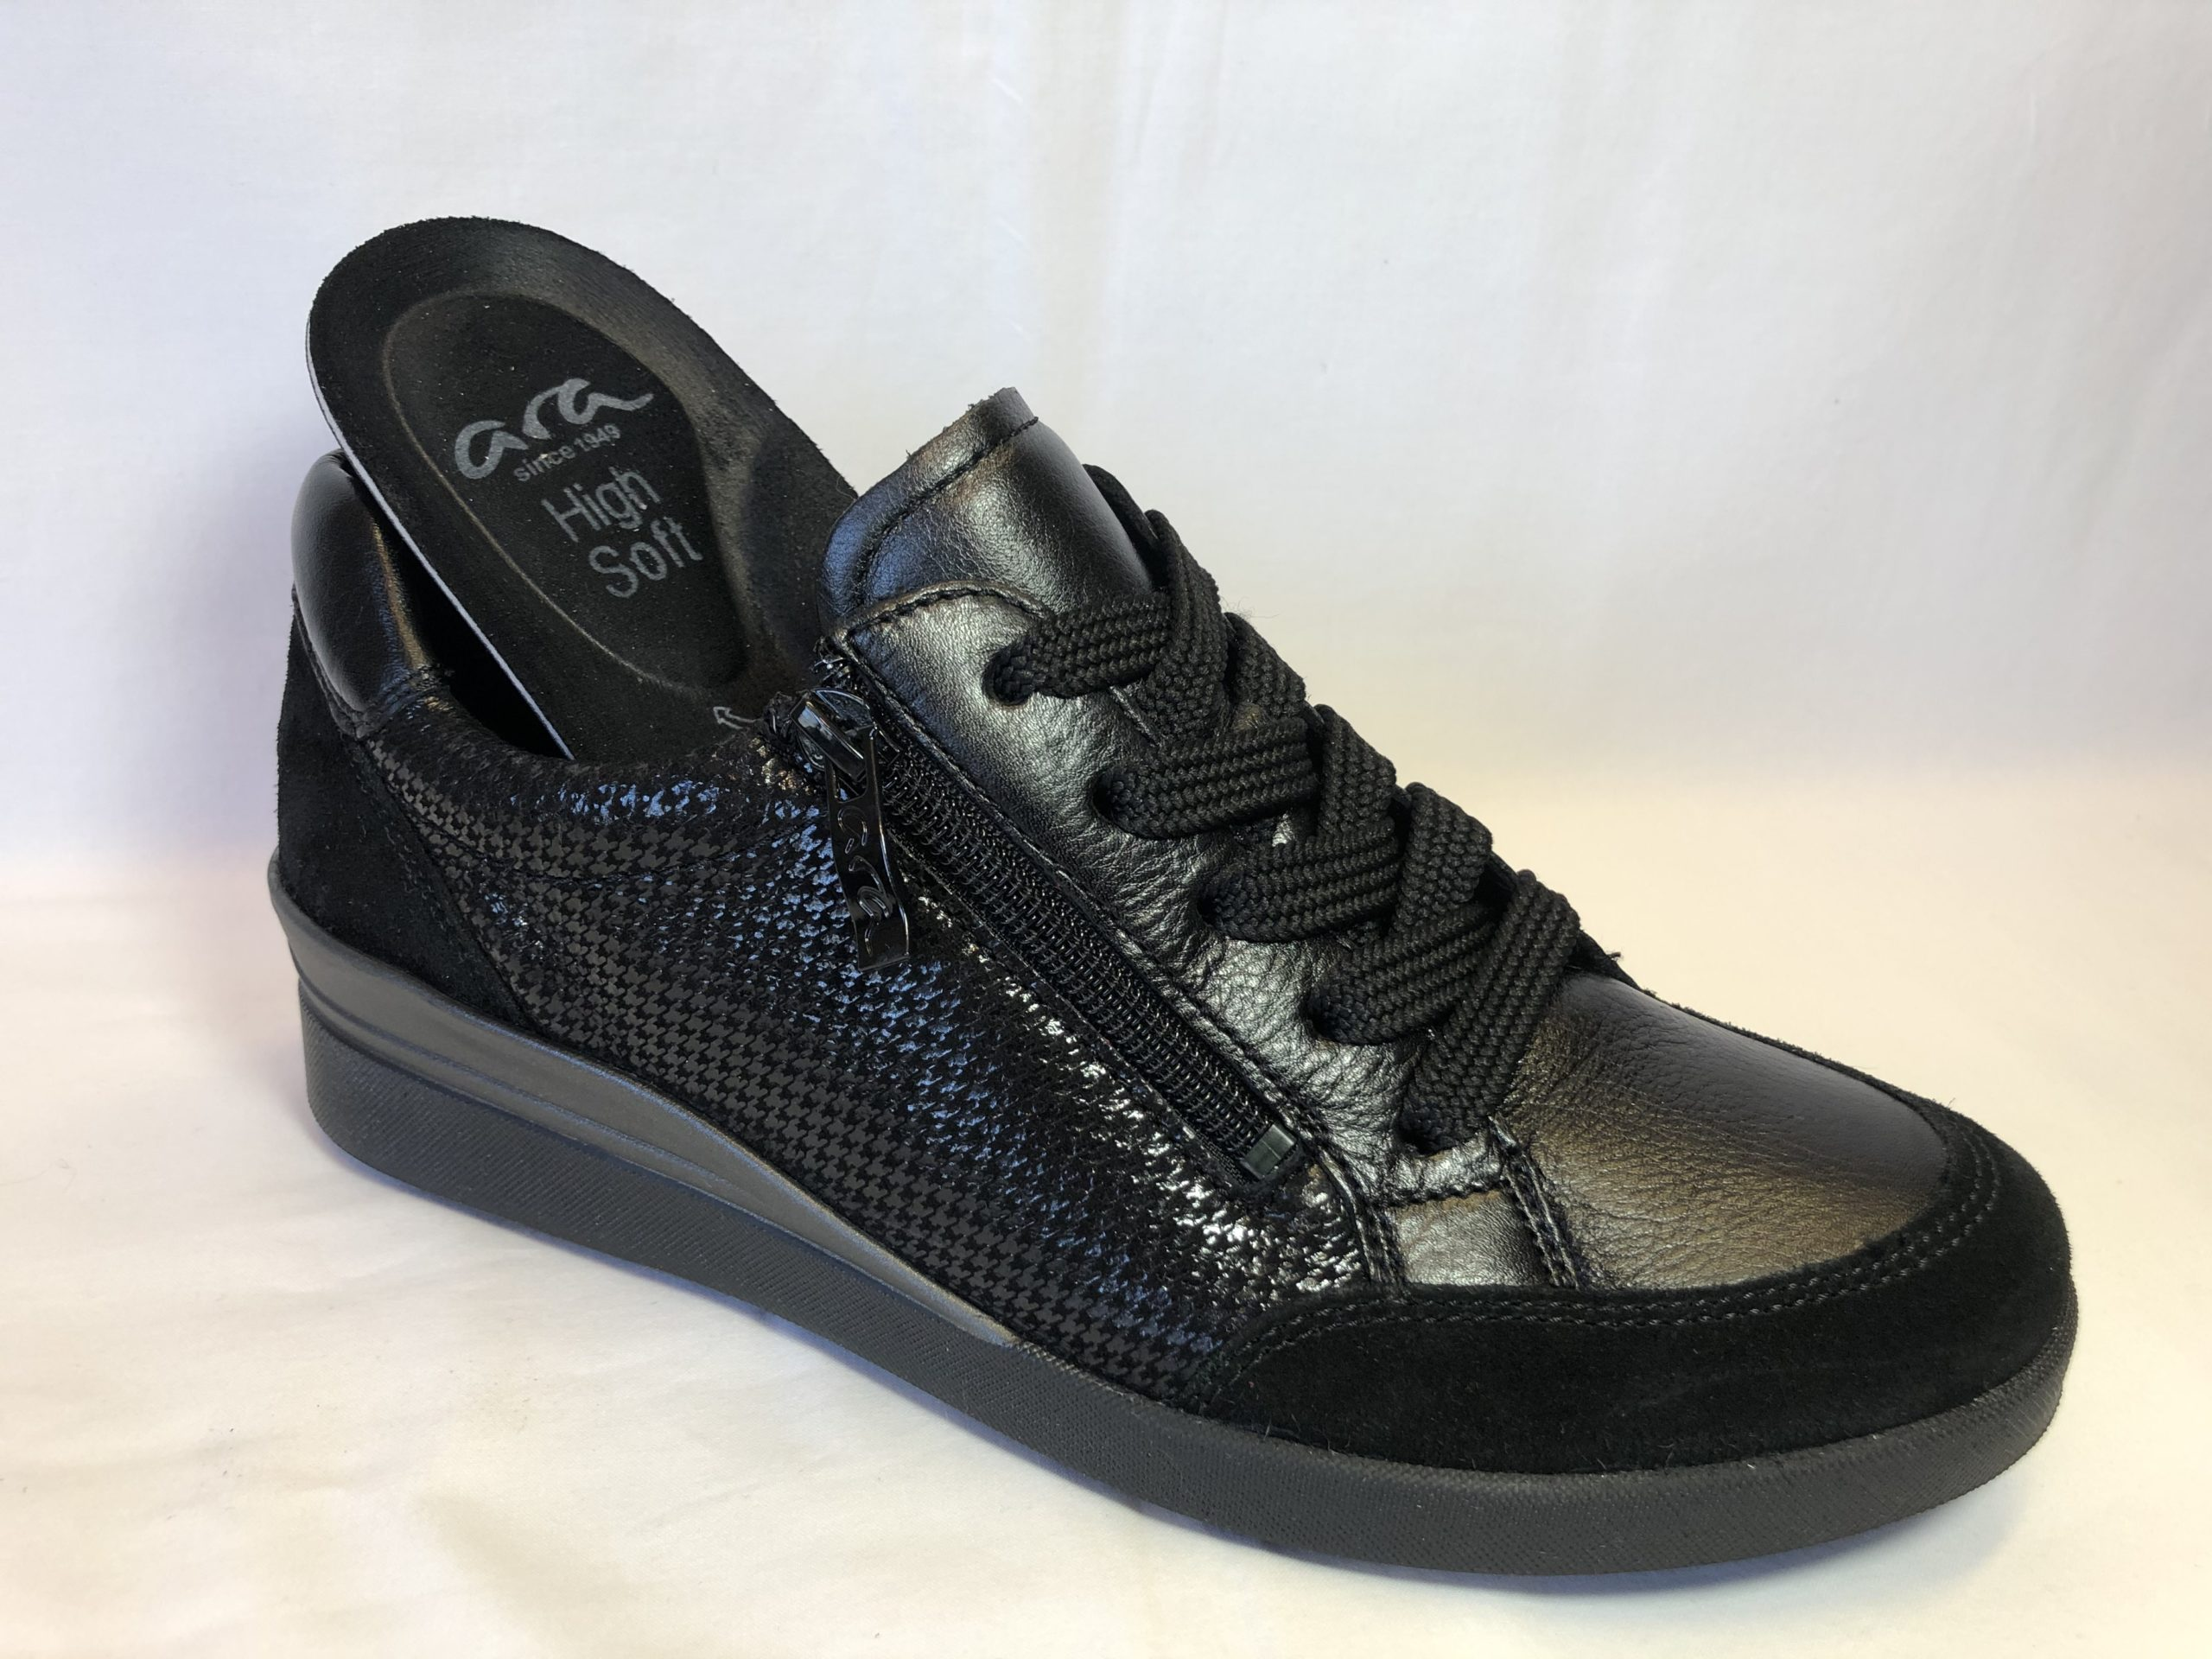 Magasin de chaussures orthopédiques à Jodoigne - Ara